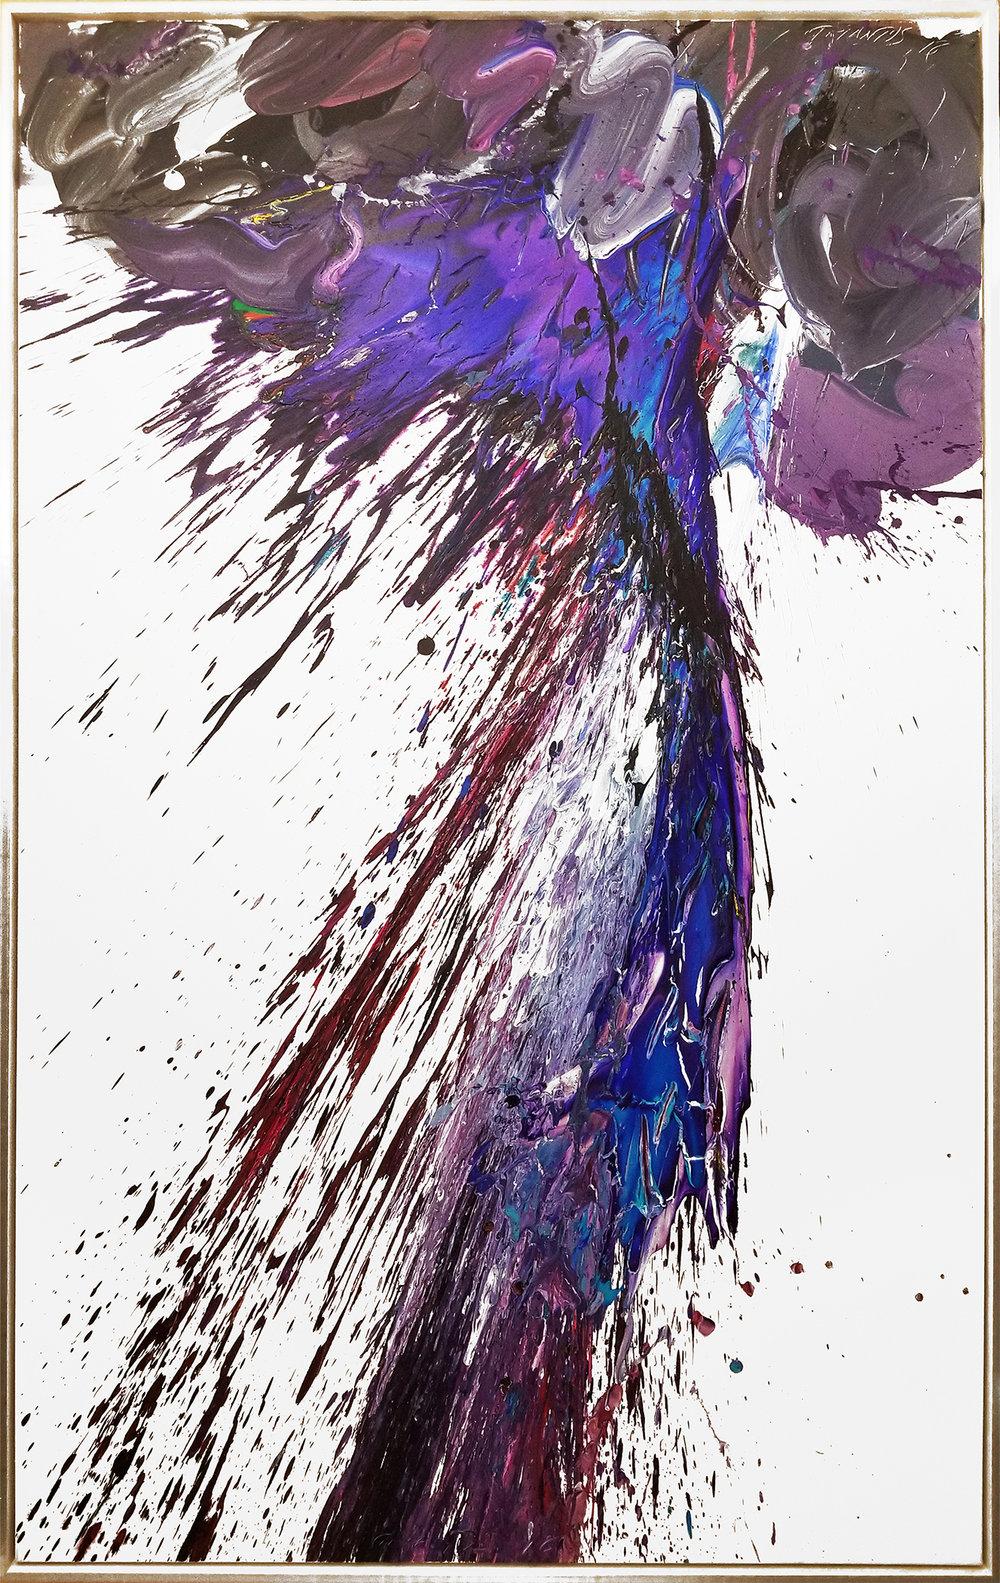 """Storm#8, 2018, acrylic on canvas, 60"""" x 96"""" (152.4 x 243.8 cm) on Hold"""